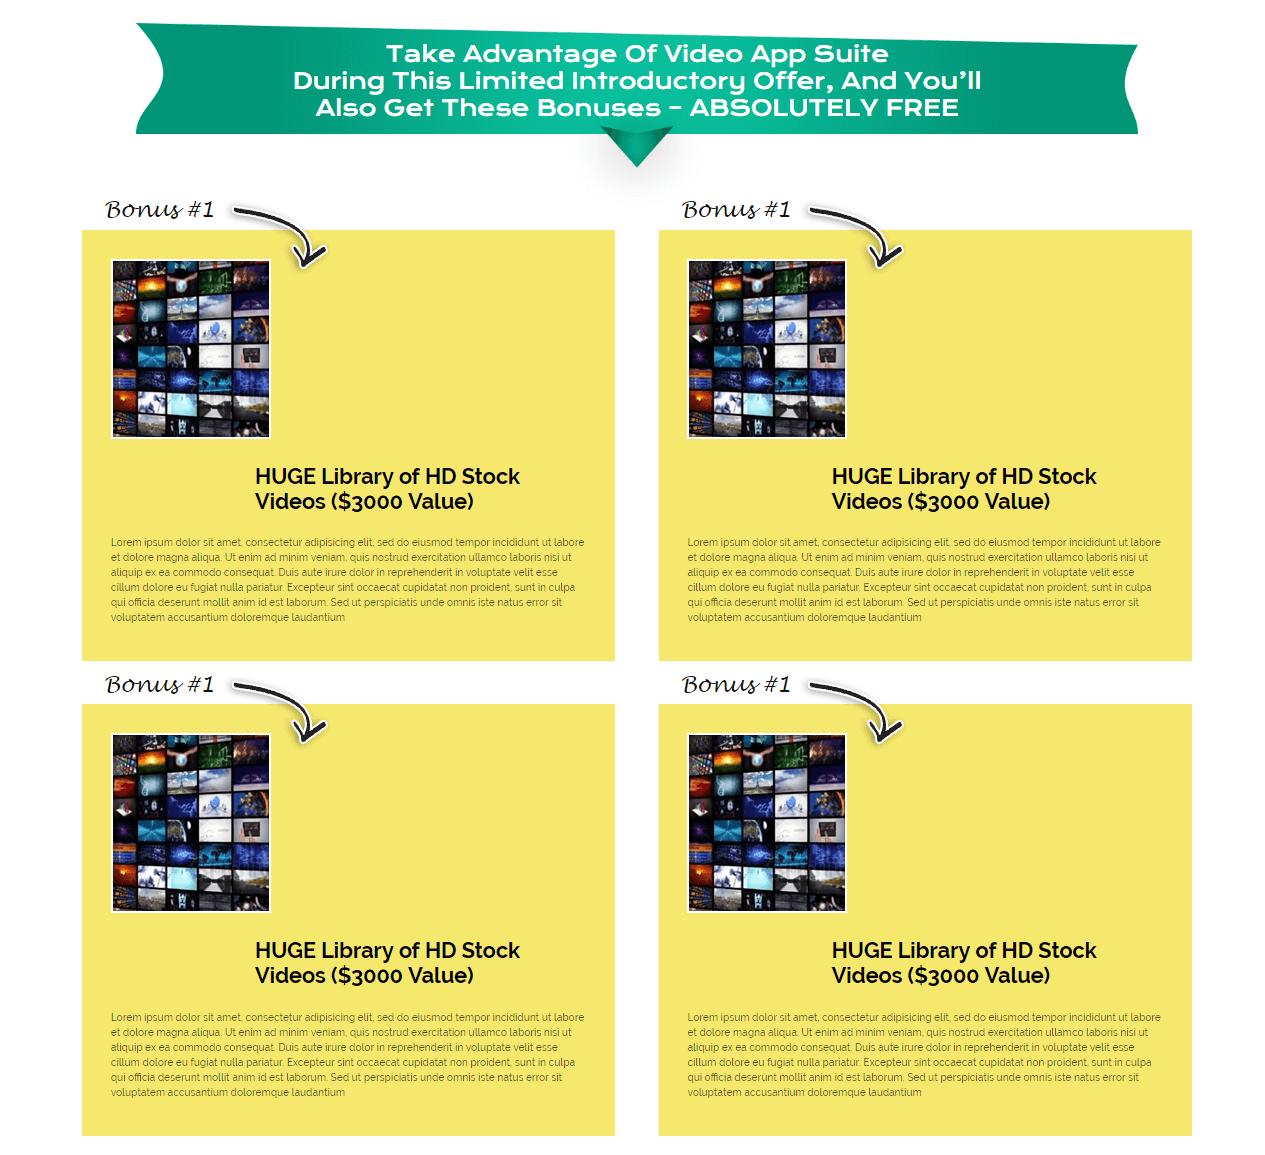 Video-App-Suite-Review-Bonuses